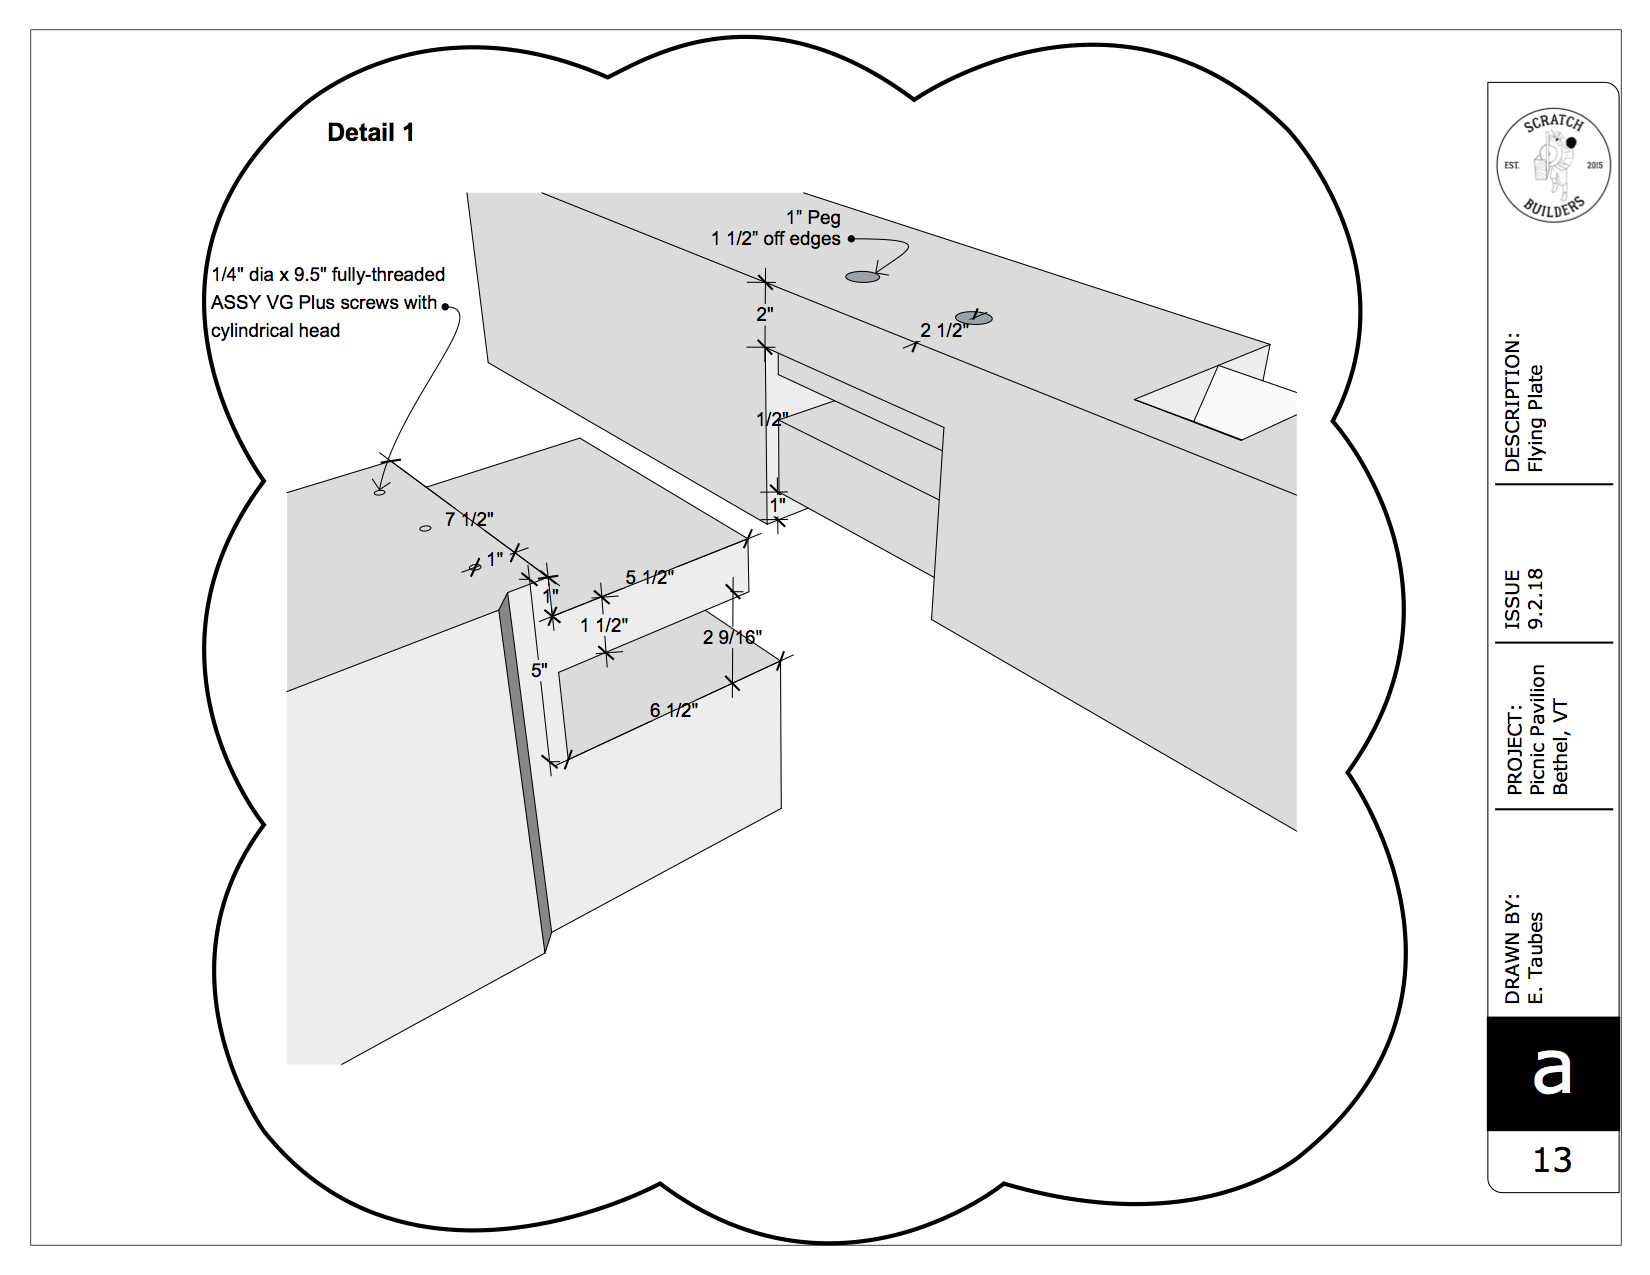 Strafford Drawing copy (dragged) 10.jpg